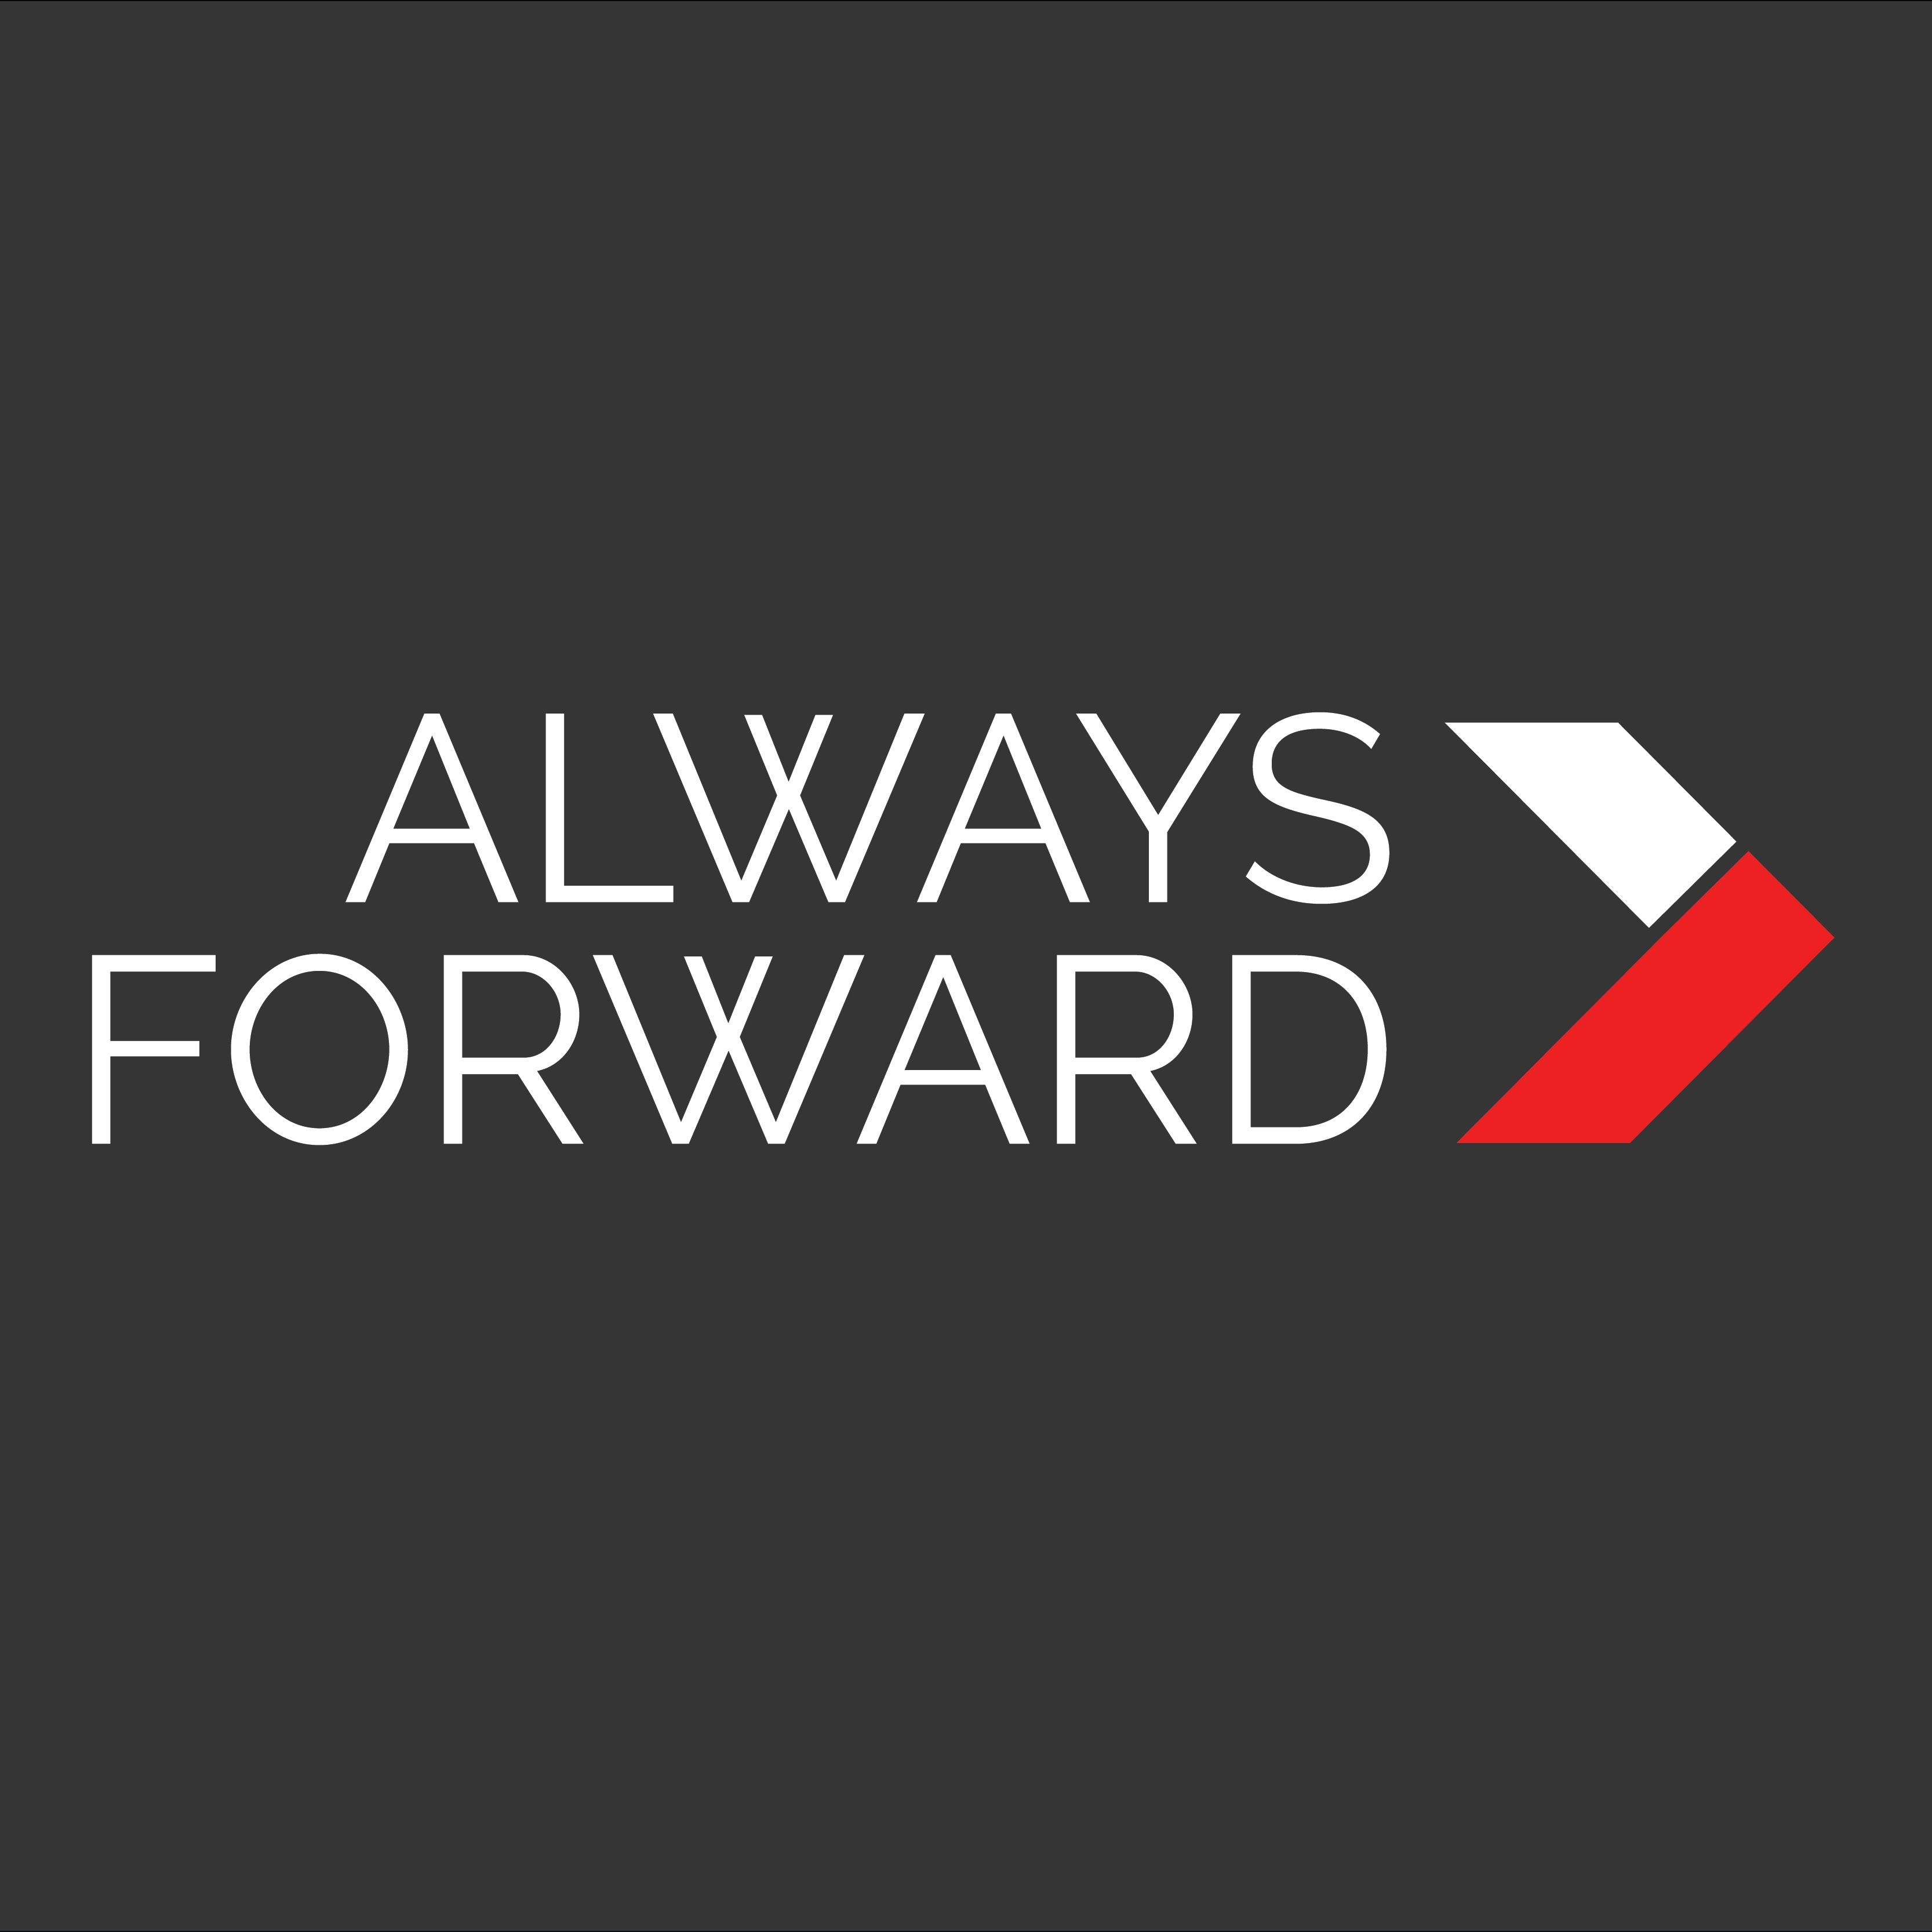 Always Forward Intro